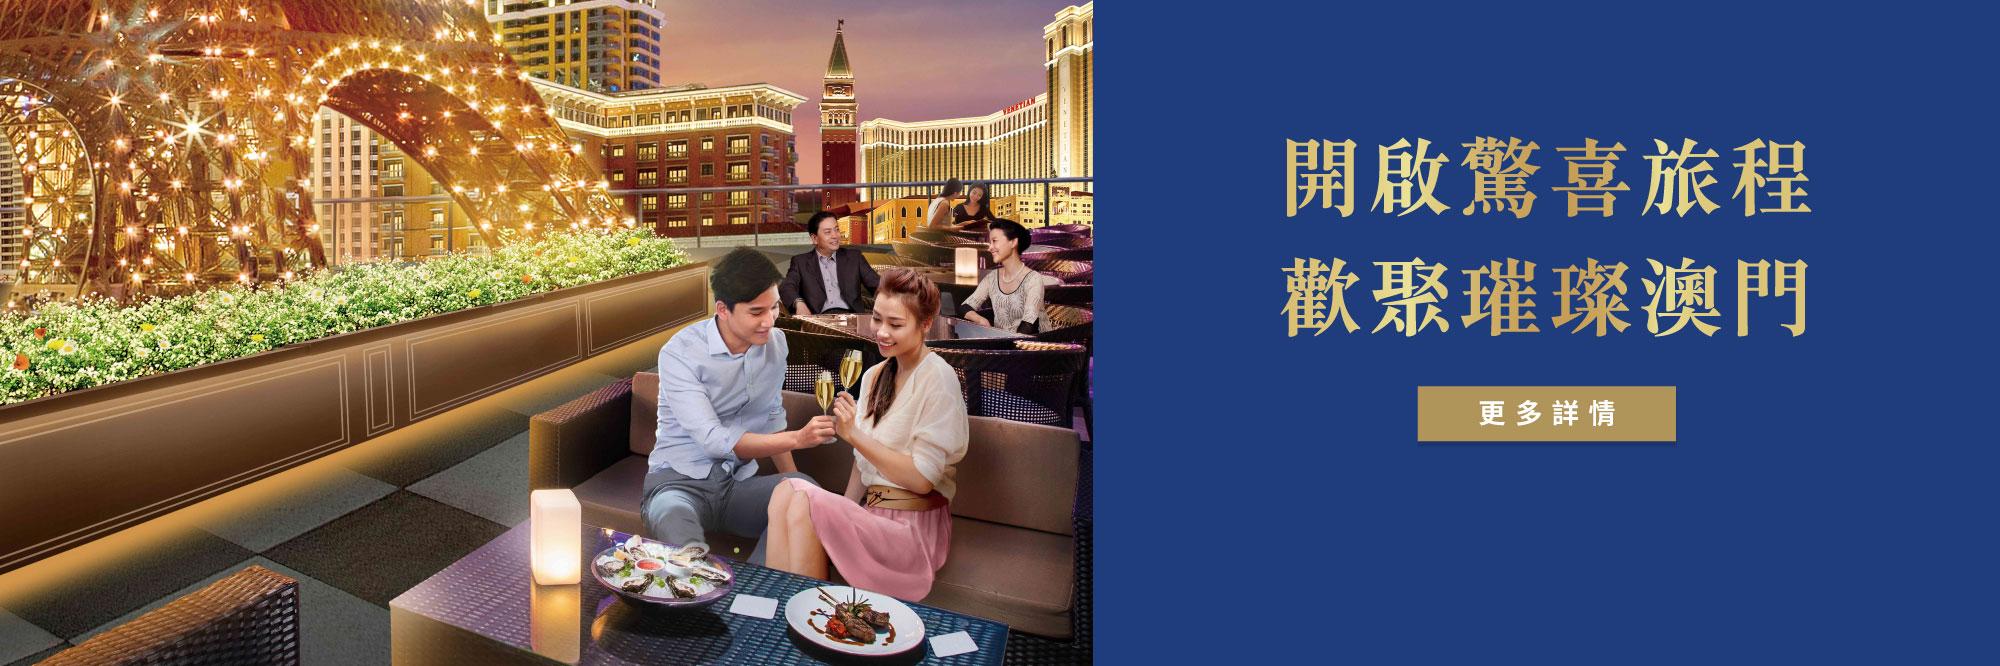 澳門威尼斯人春季璀璨旅程盡享美食購物娛樂活動